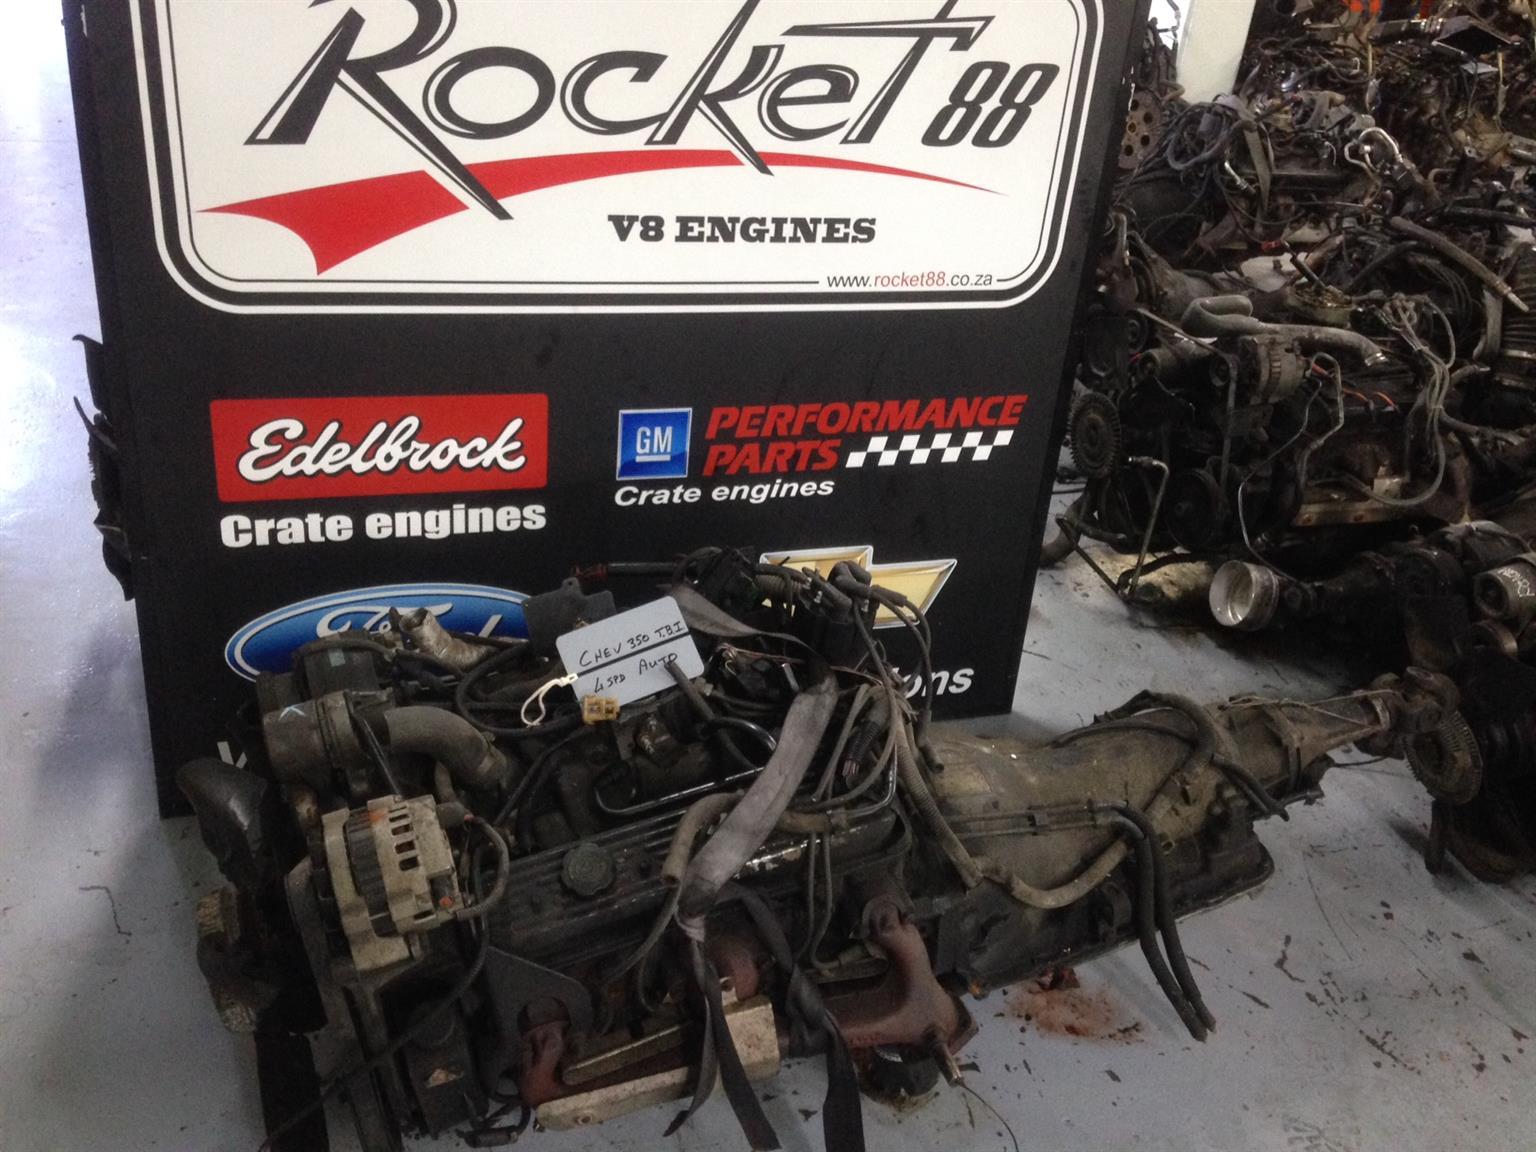 Chev 350 V8 engines